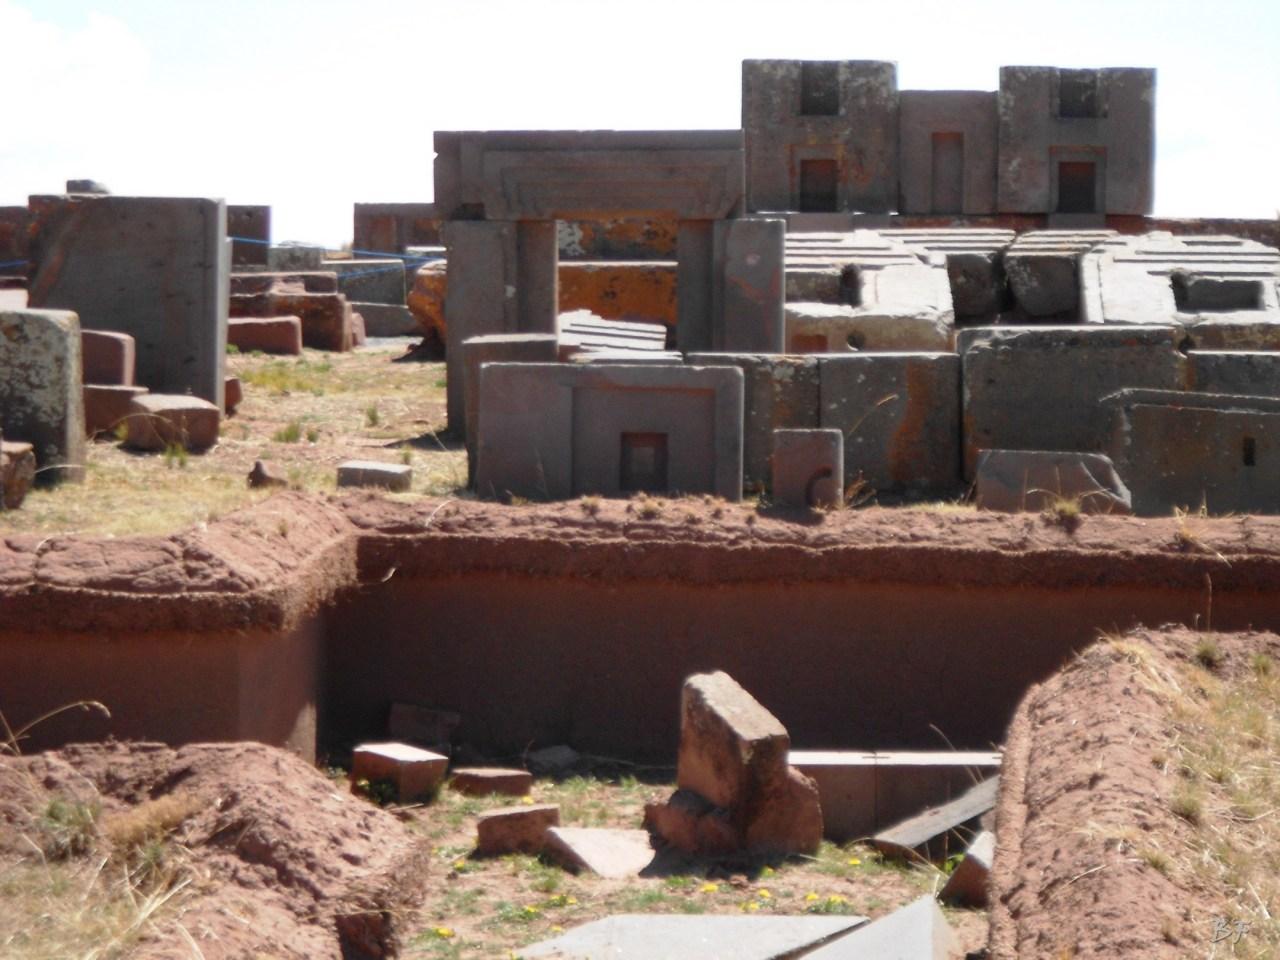 Puma-Punku-Area-Megalitica-Mura-Poligonali-Megaliti-Tiwanaku-Tiahuanaco-Bolivia-61